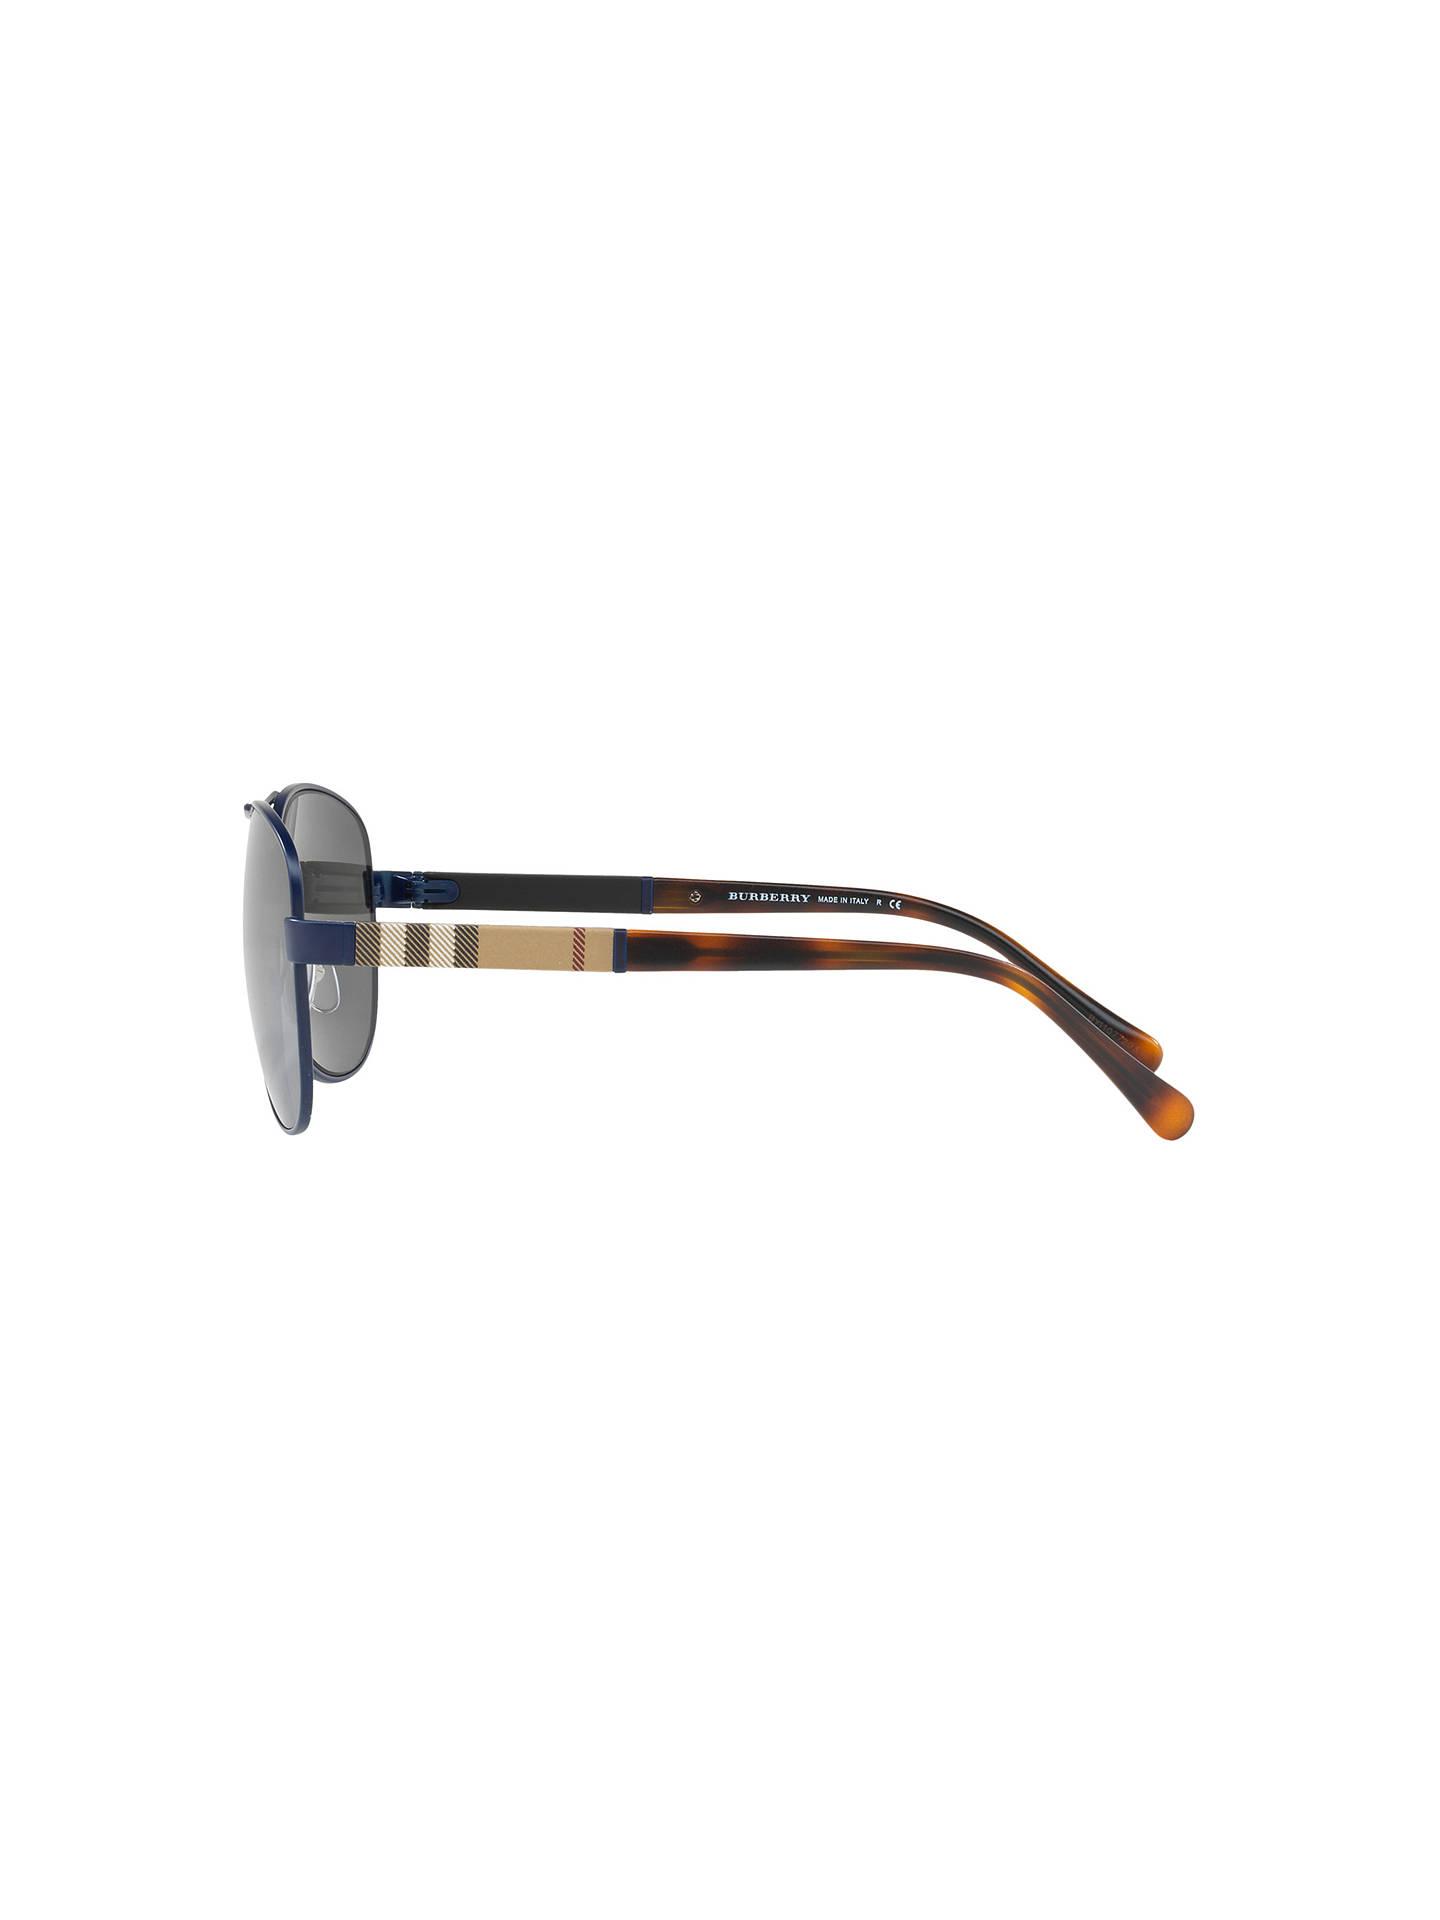 e9a672642eb0 ... Buy Burberry BE3080 Aviator Sunglasses, Black/Mirror Grey Online at  johnlewis.com ...